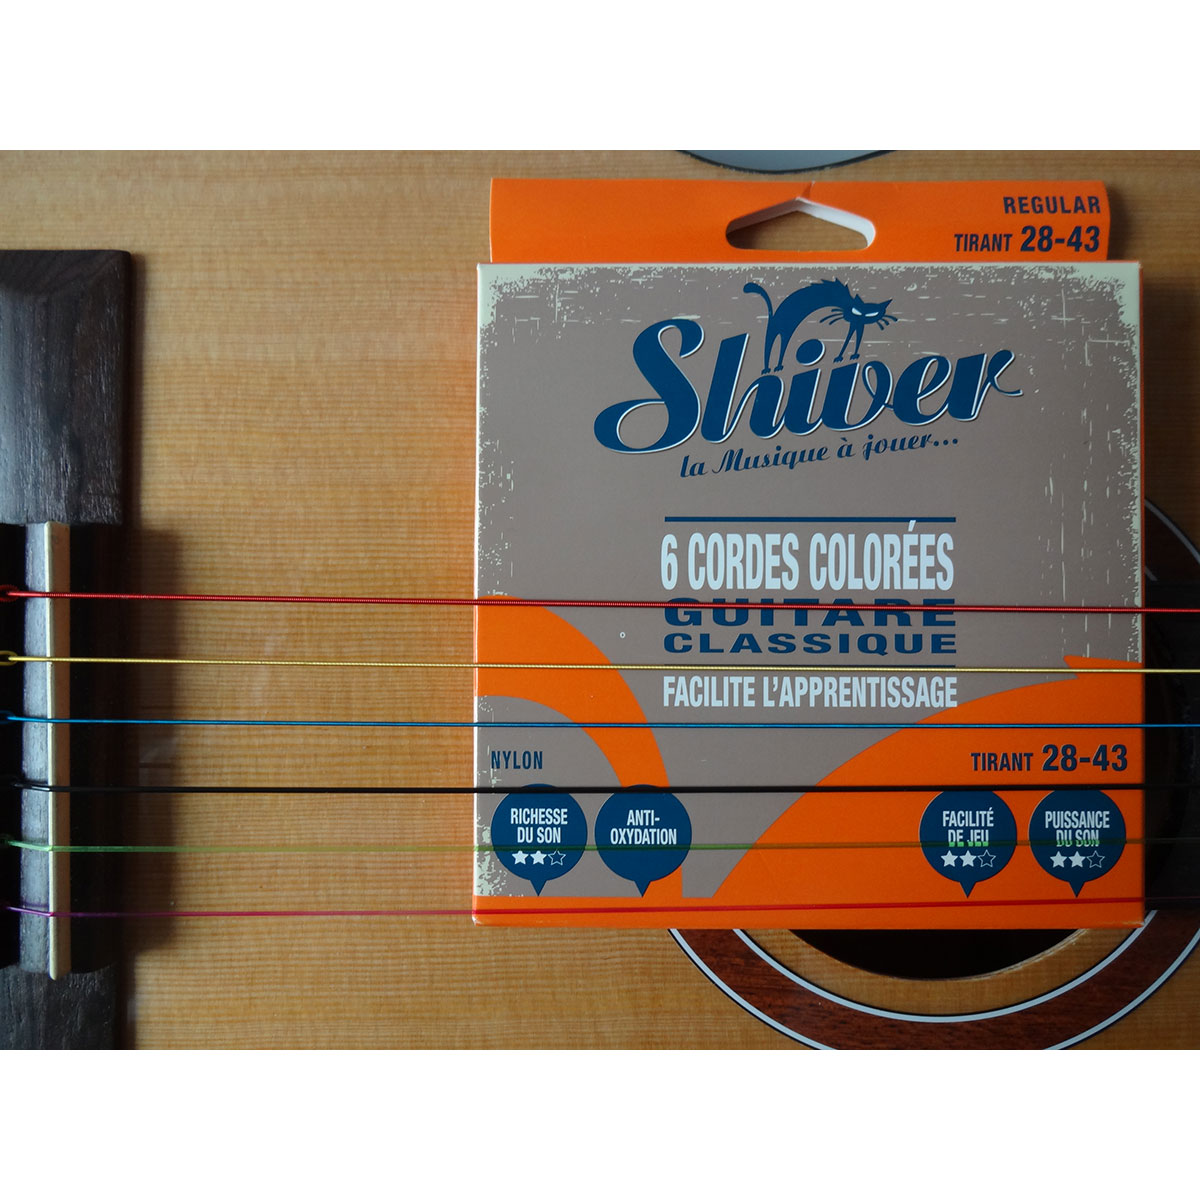 Shiver - Jeu 6 cordes colorées guitare classique 28-43